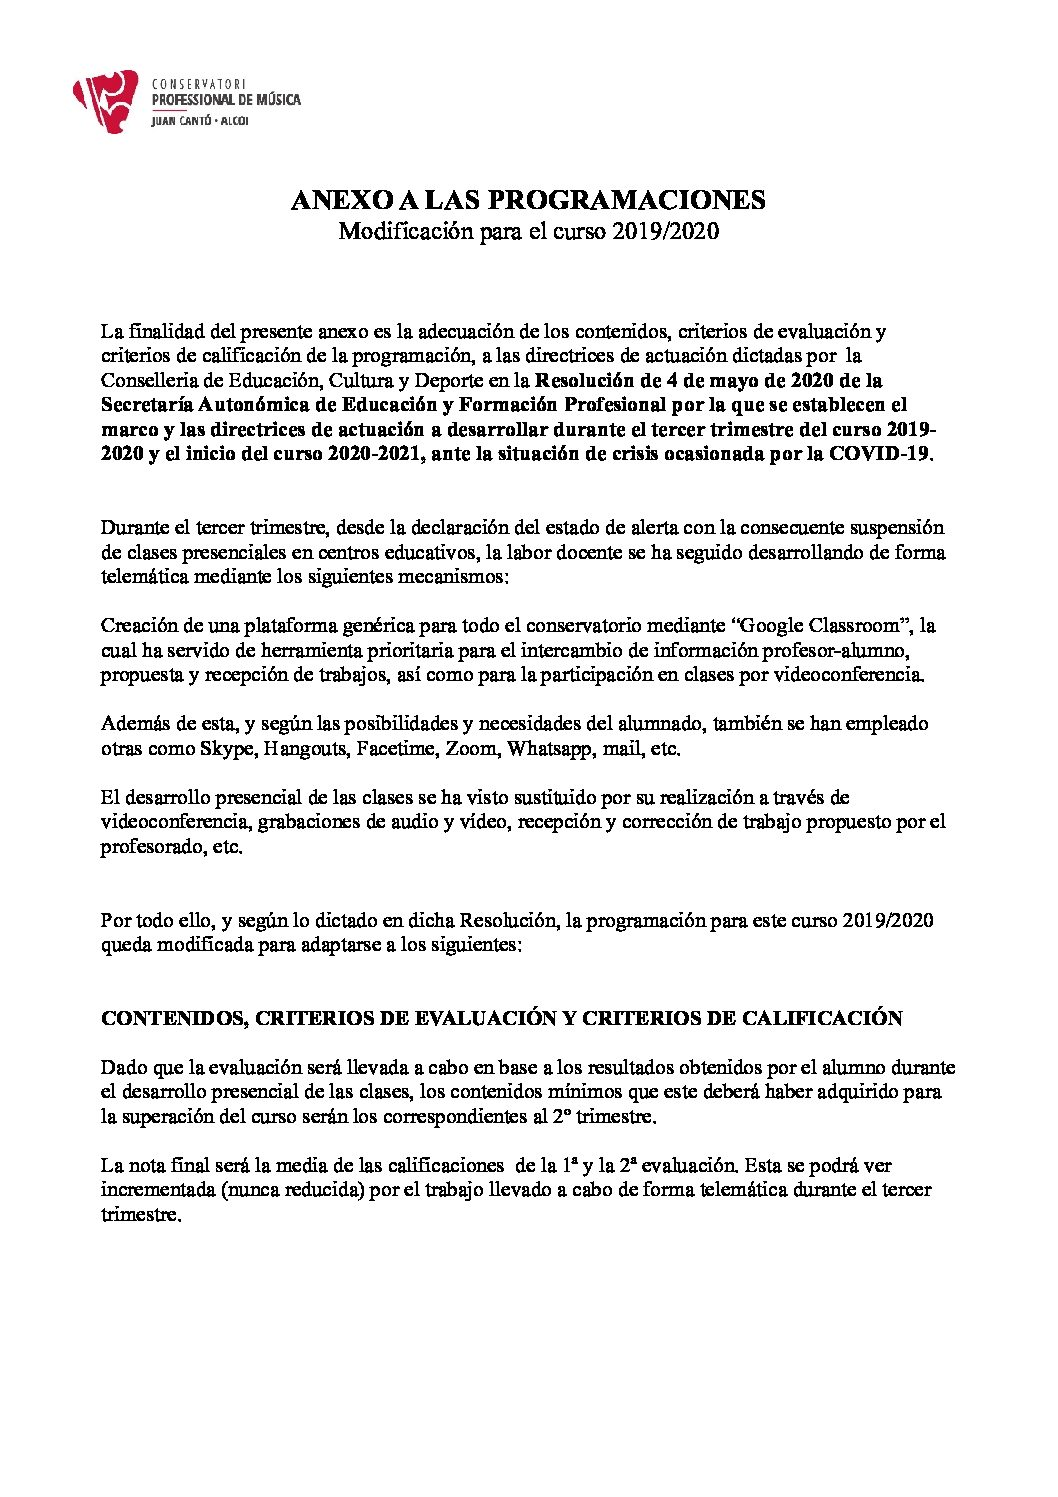 ANEXO A LAS PROGRAMACIONES POR LA COVID-19